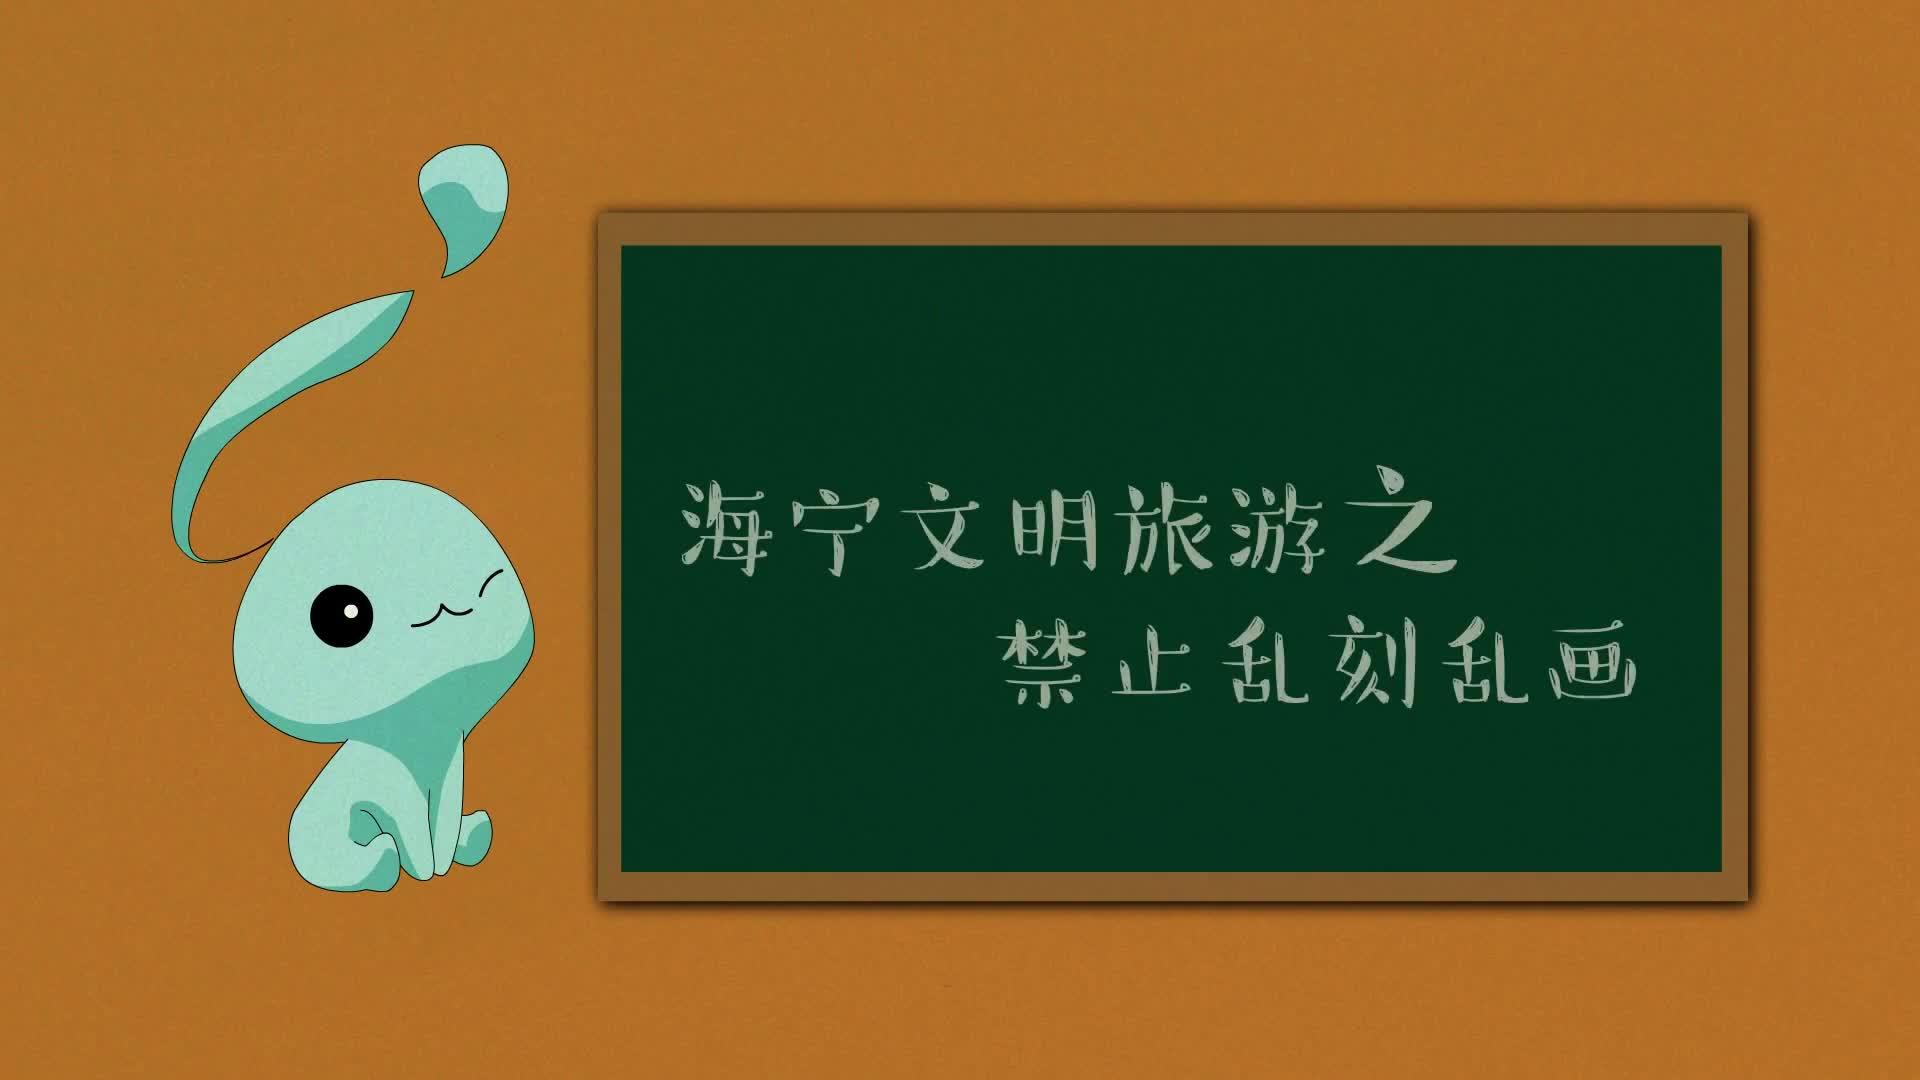 海宁文明旅游之禁止乱刻乱画